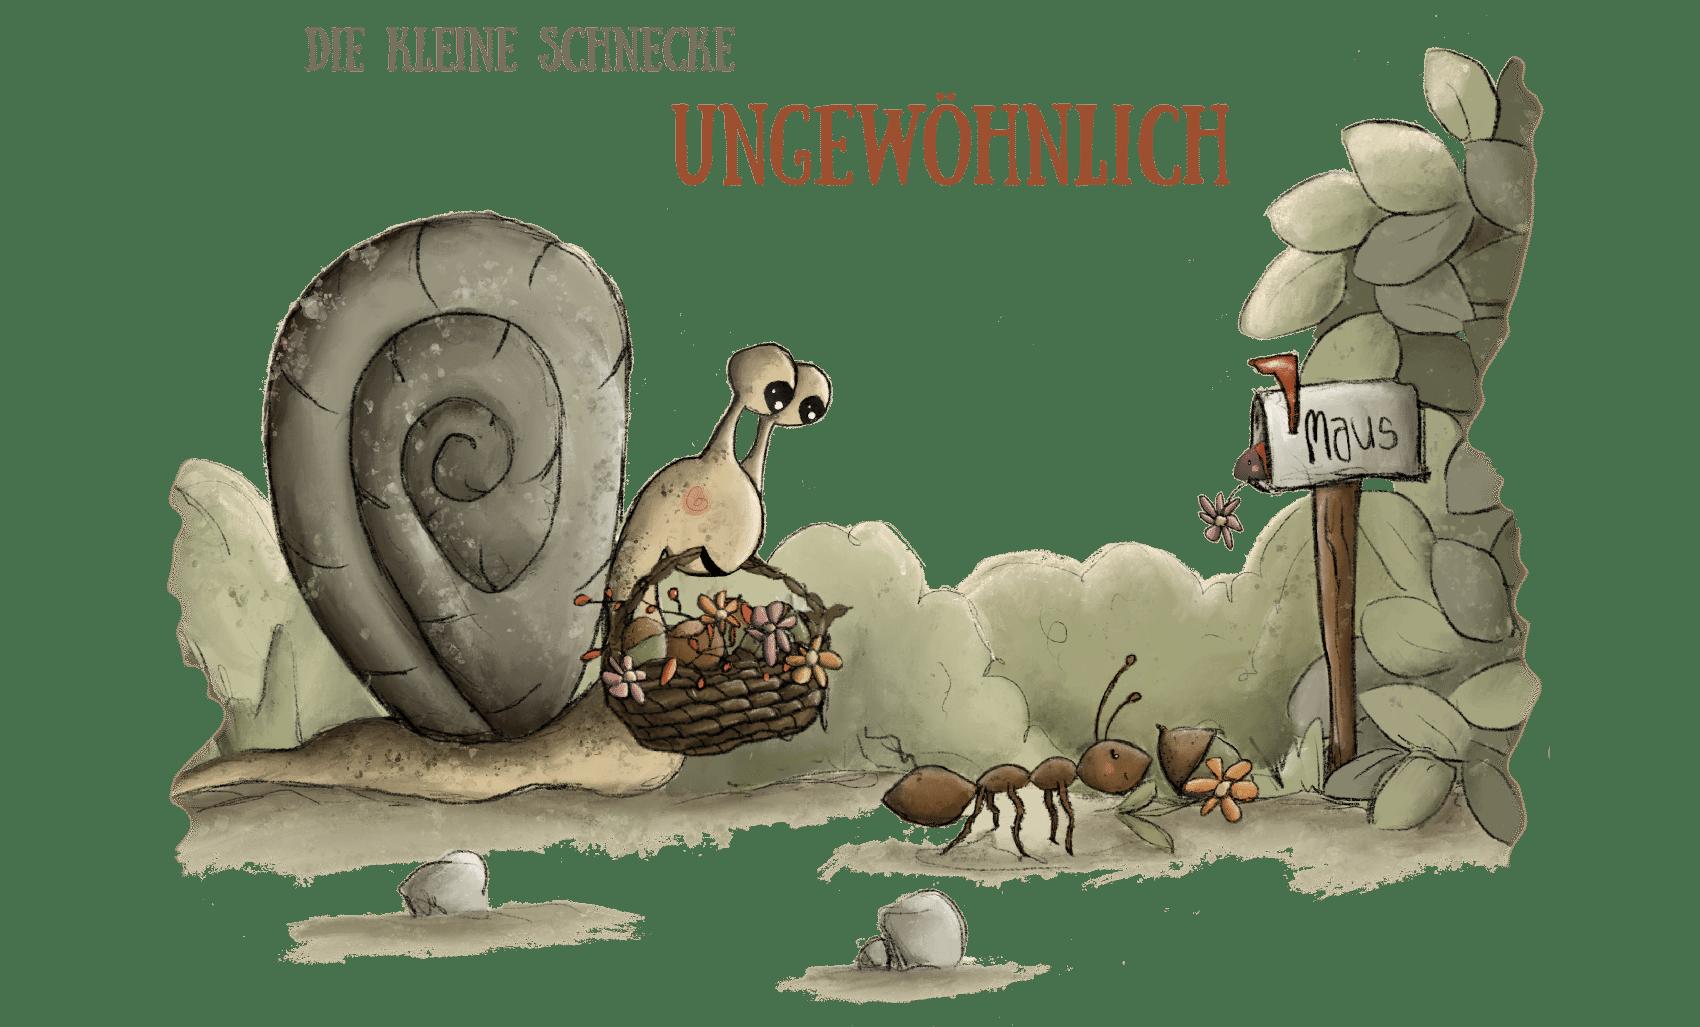 Peckelston Kinderbuchverlag die kleine schnecke ungewöhnlich angelina borgwardt